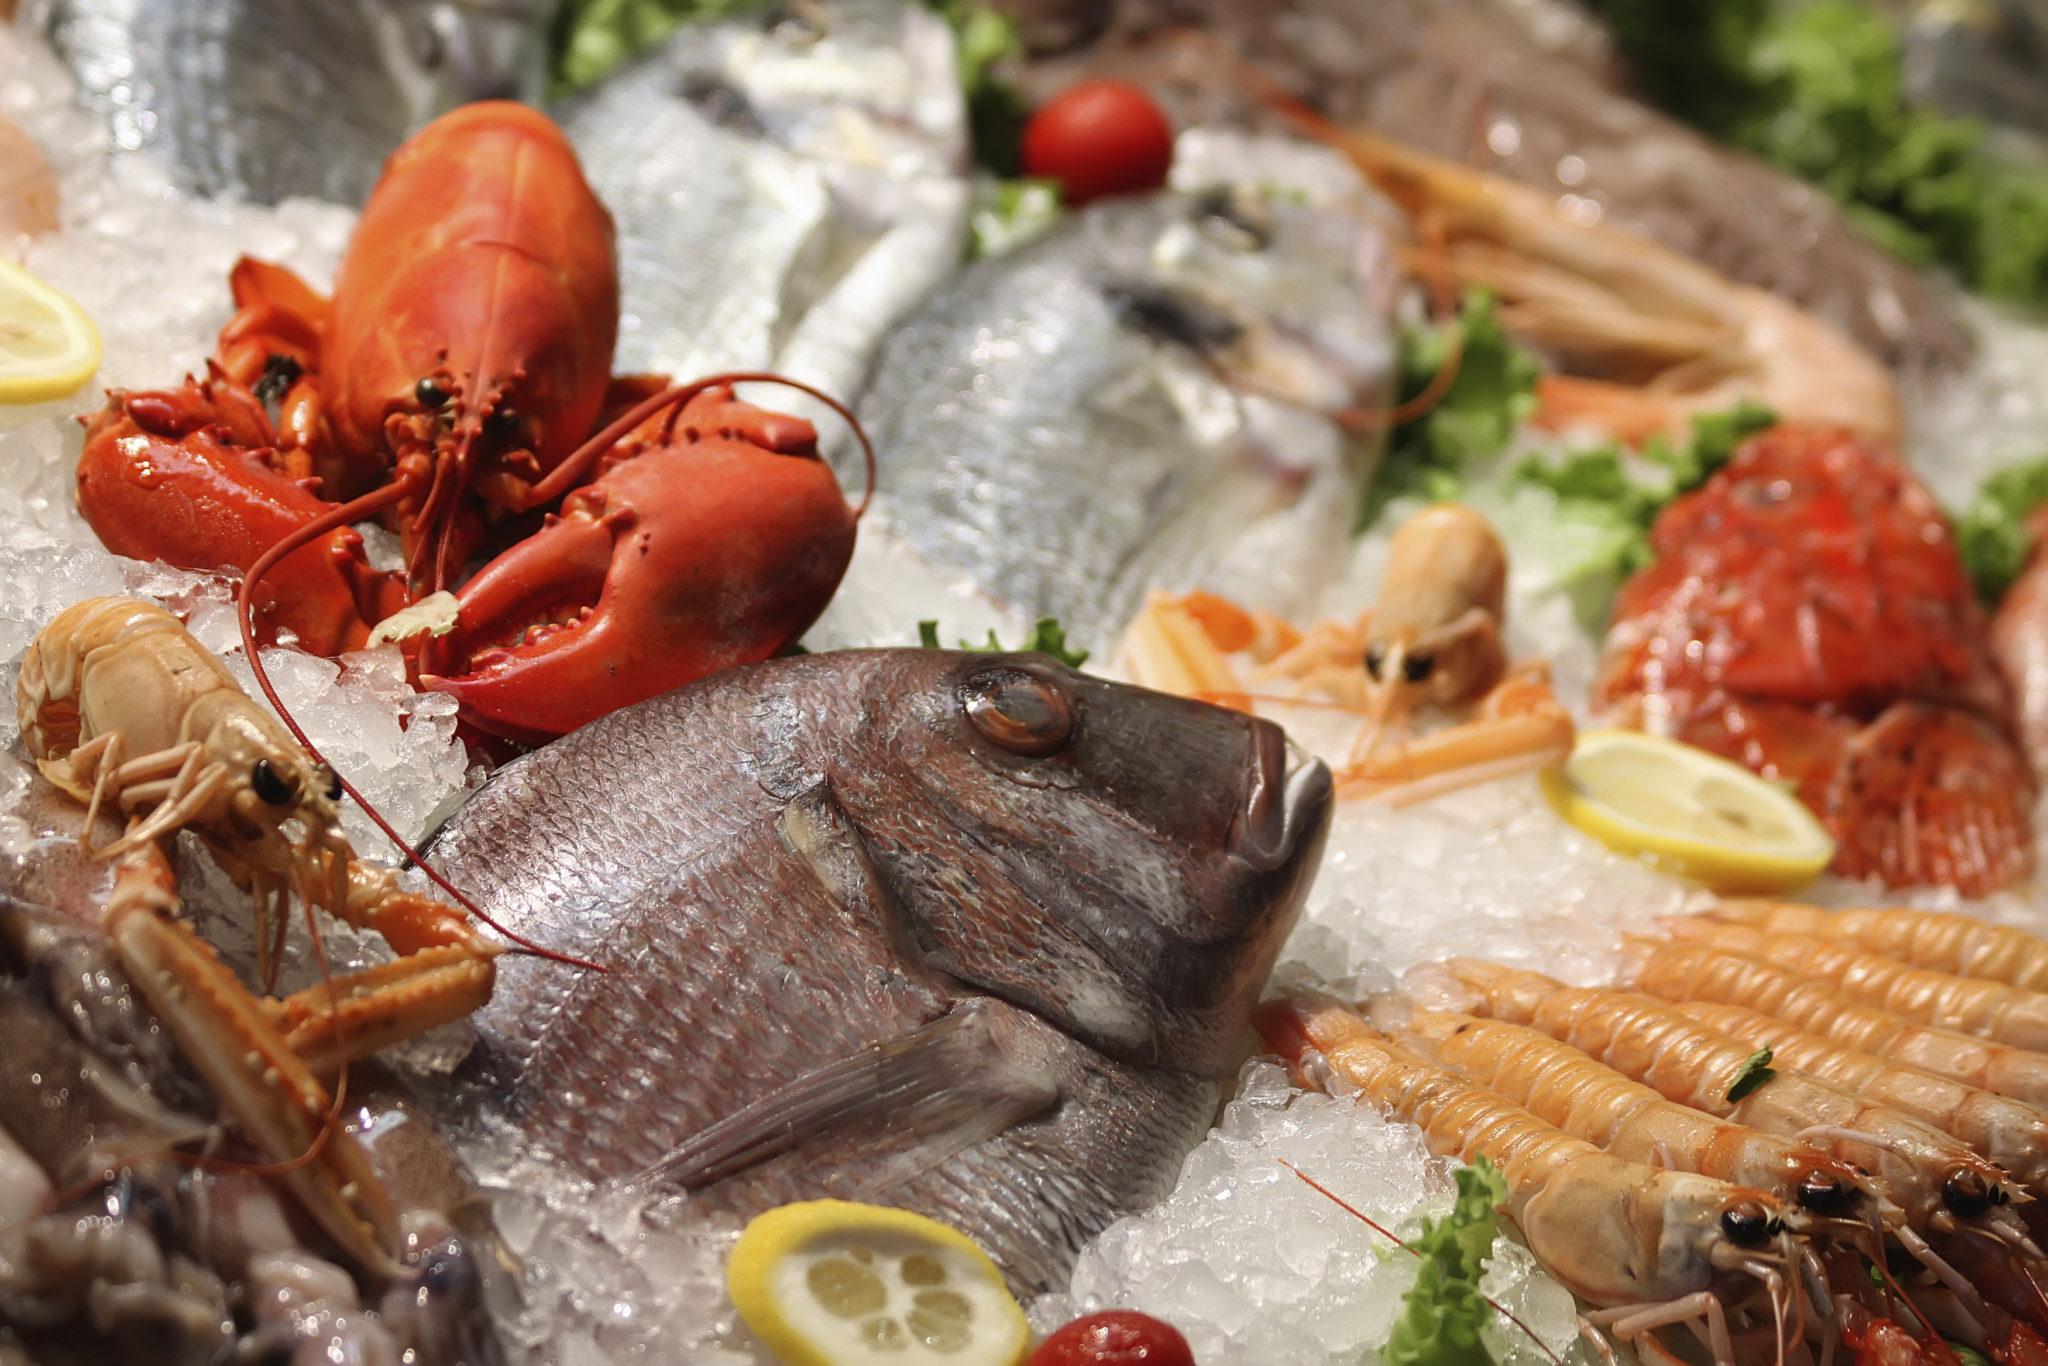 Pesci Molluschi E Crostacei Piccola Guida Alla Scelta Dieta Nutrizione Benessere Salute Dr Loreto Nemi Dietista Nutrizionista Roma